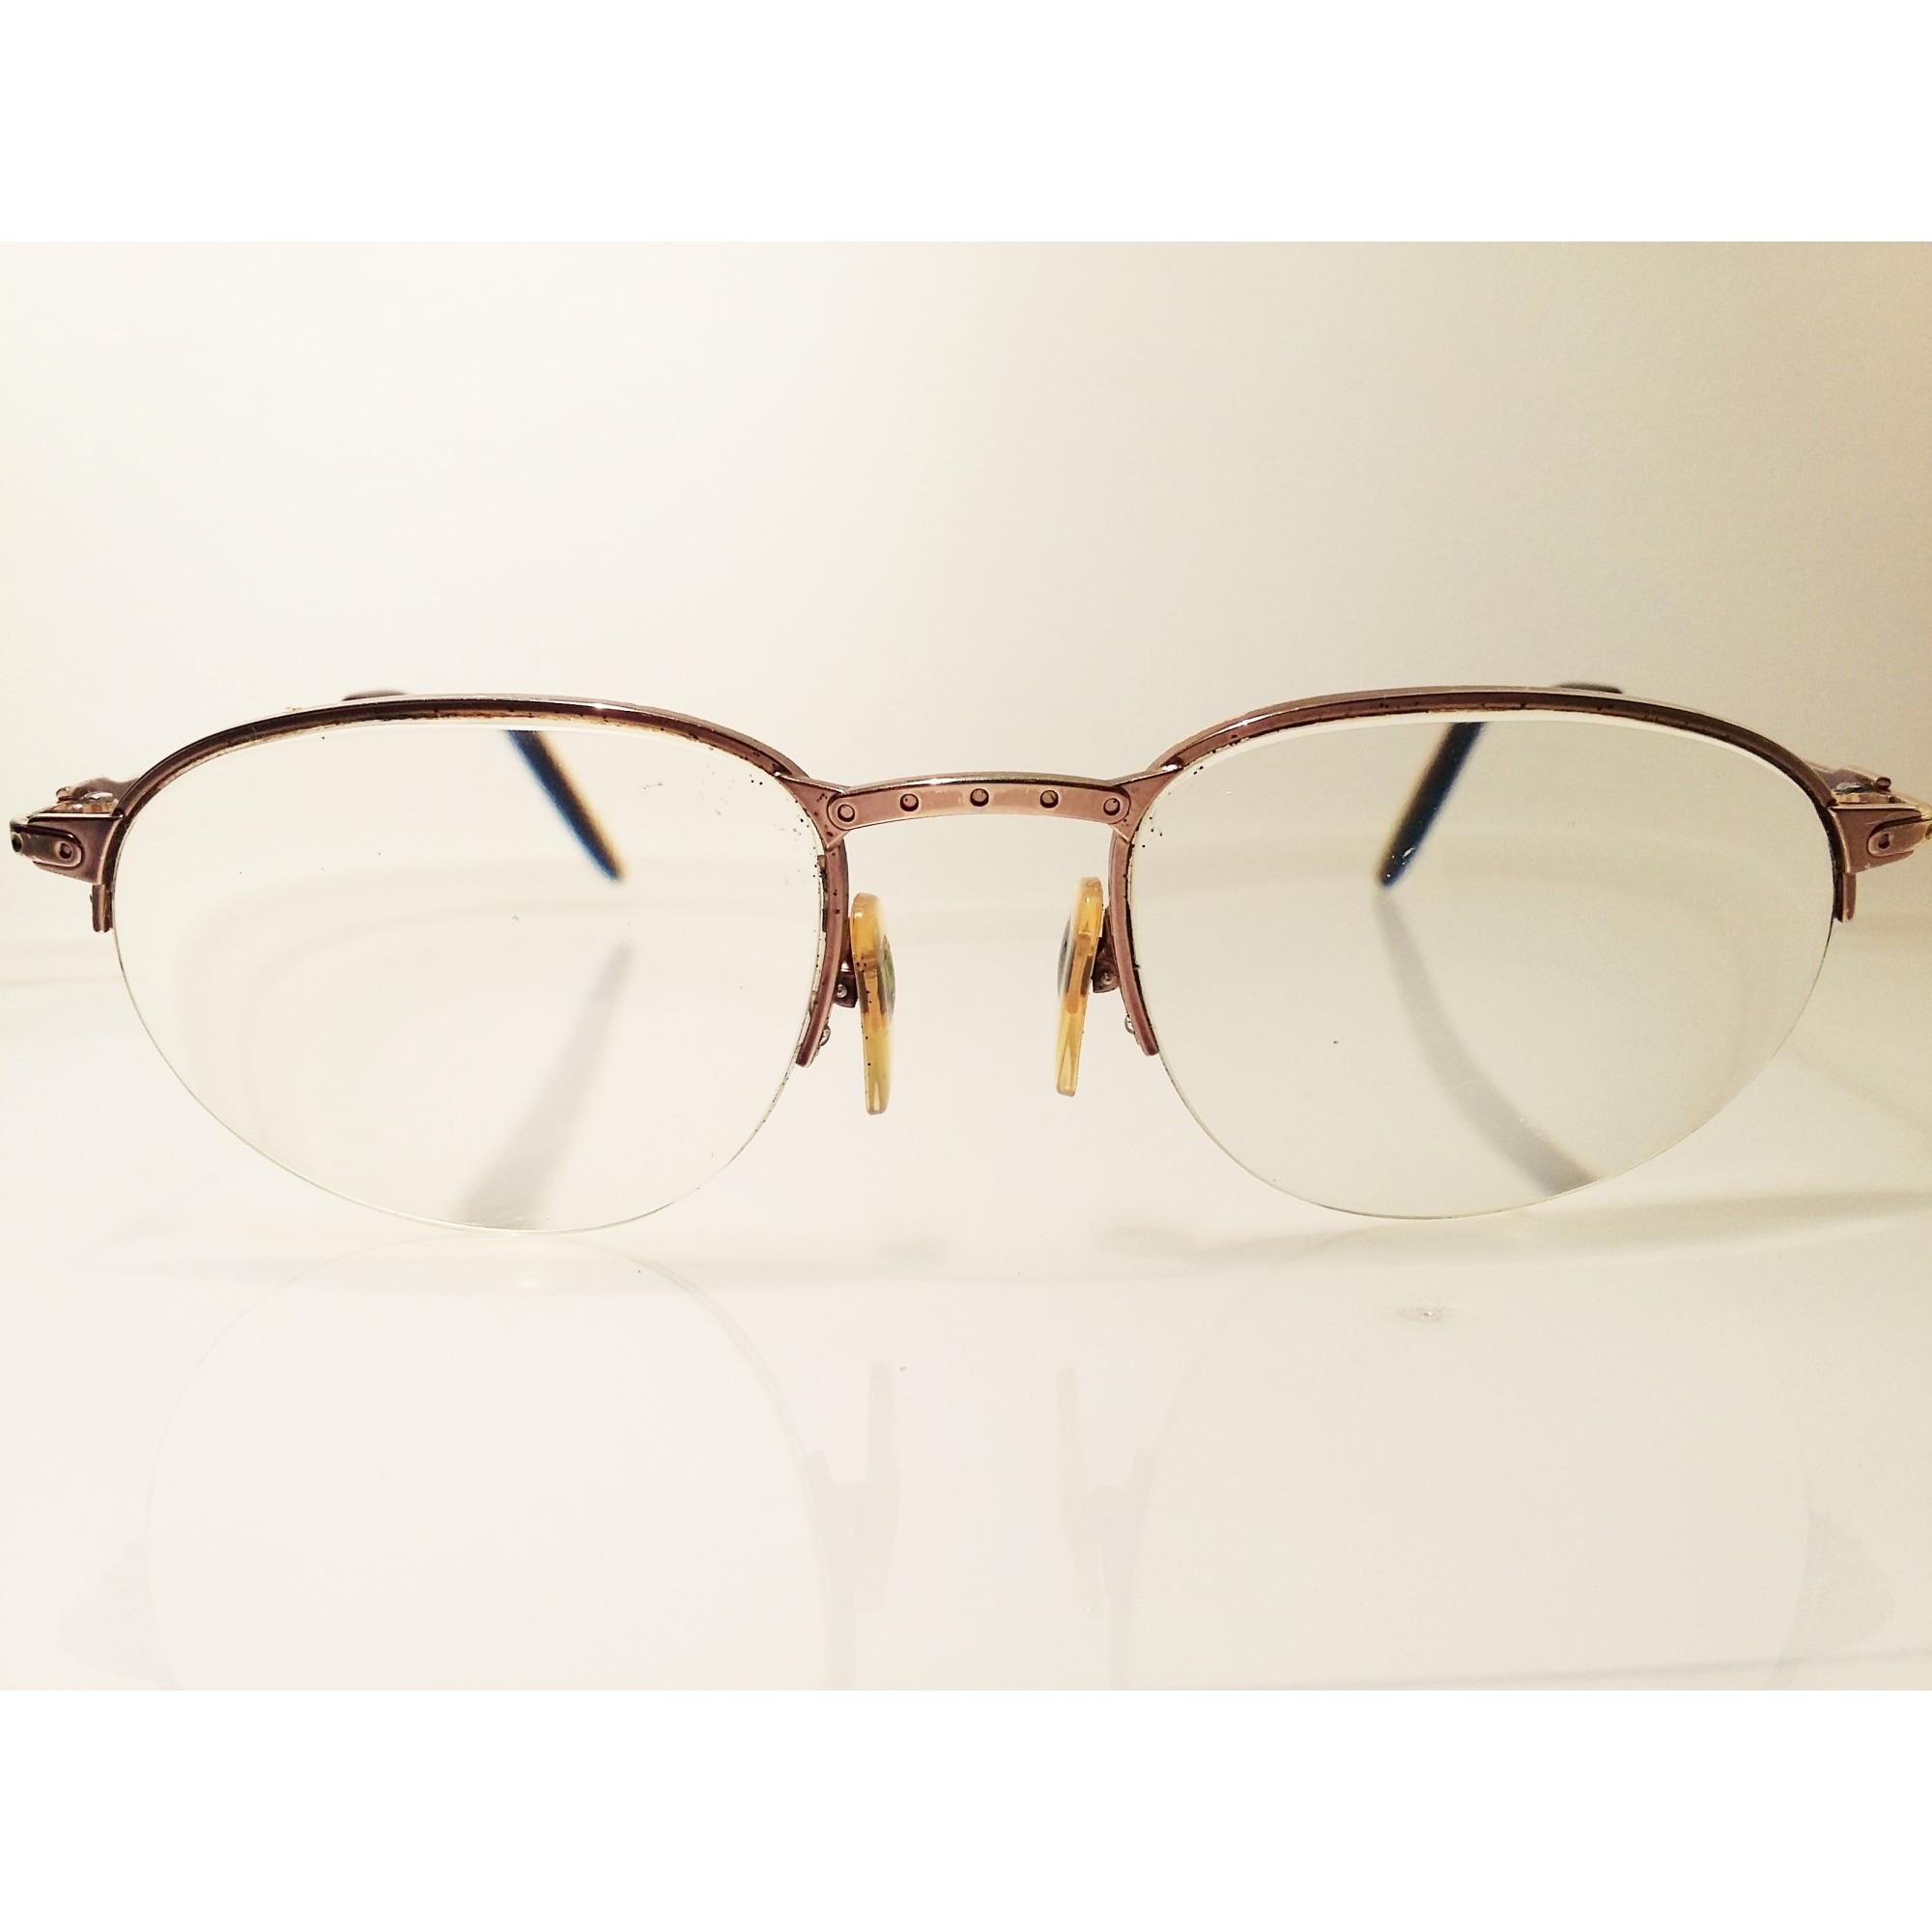 Eyeglass Frames LOUIS FÉRAUD golden - 5355993